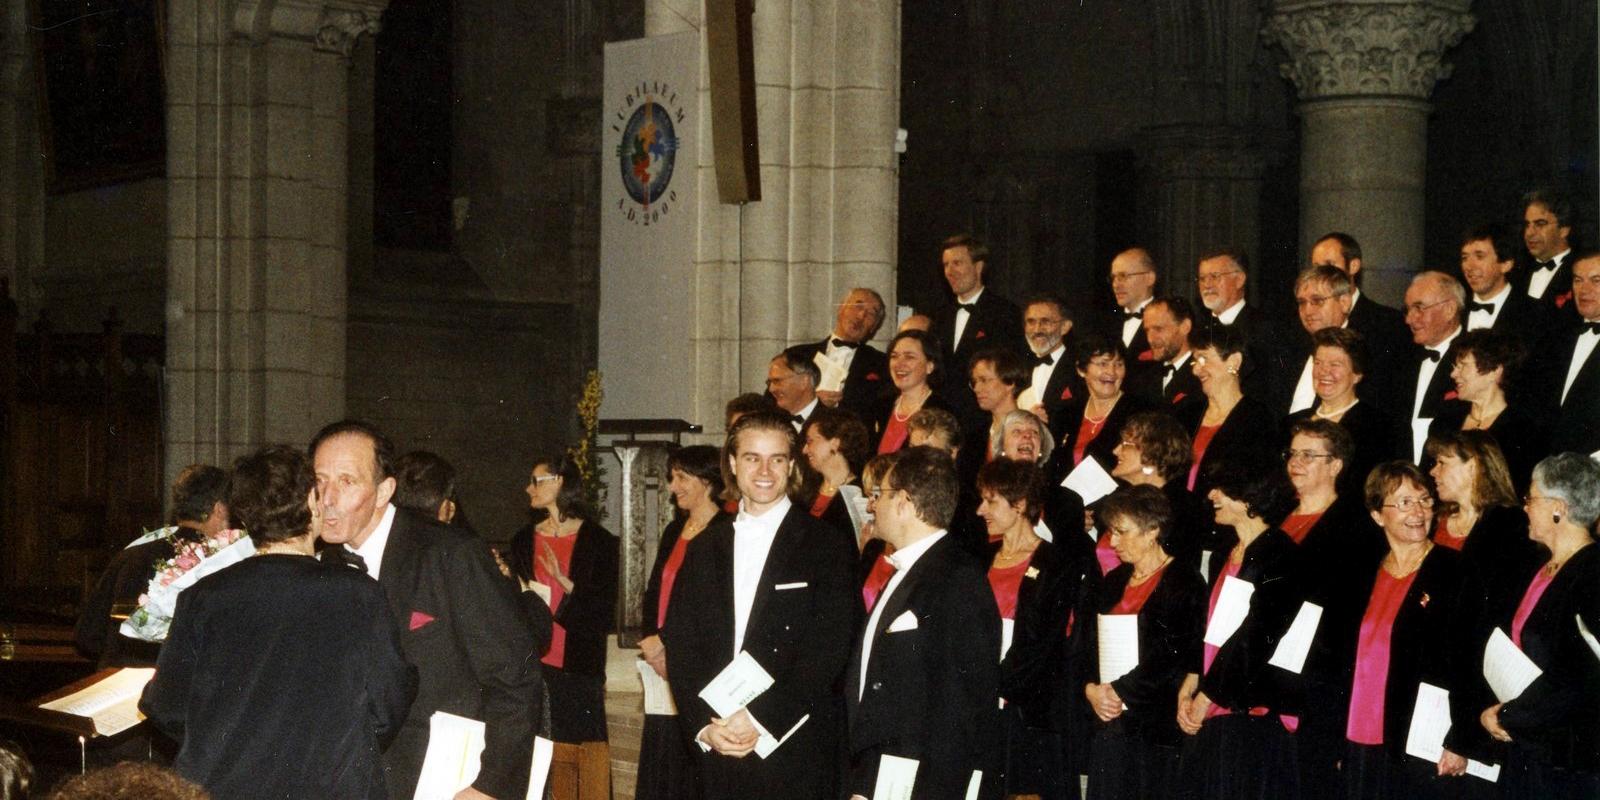 2000 - Petite Messe Solennelle de Rossini pour les 20 ans du Ludion